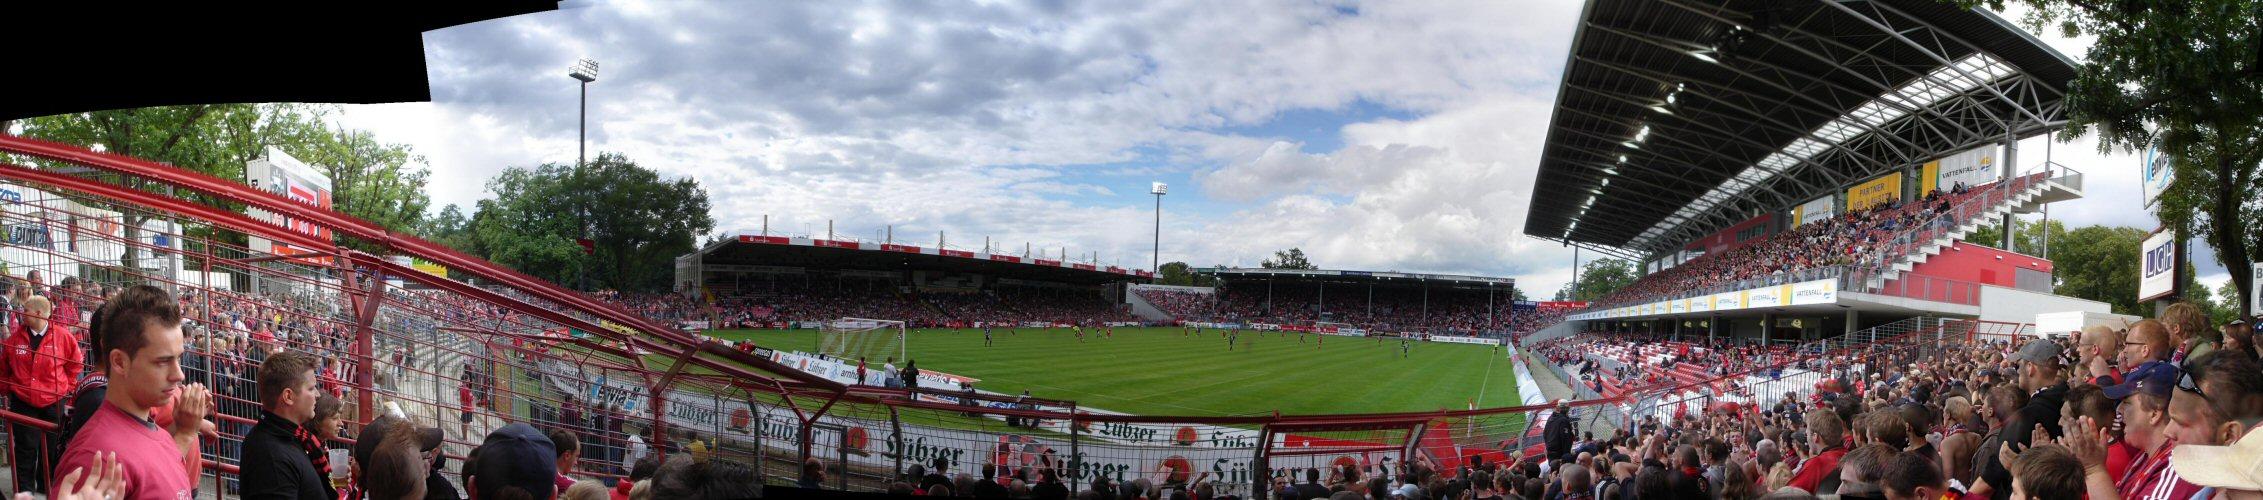 Stadion der Freundschaft Cottbus